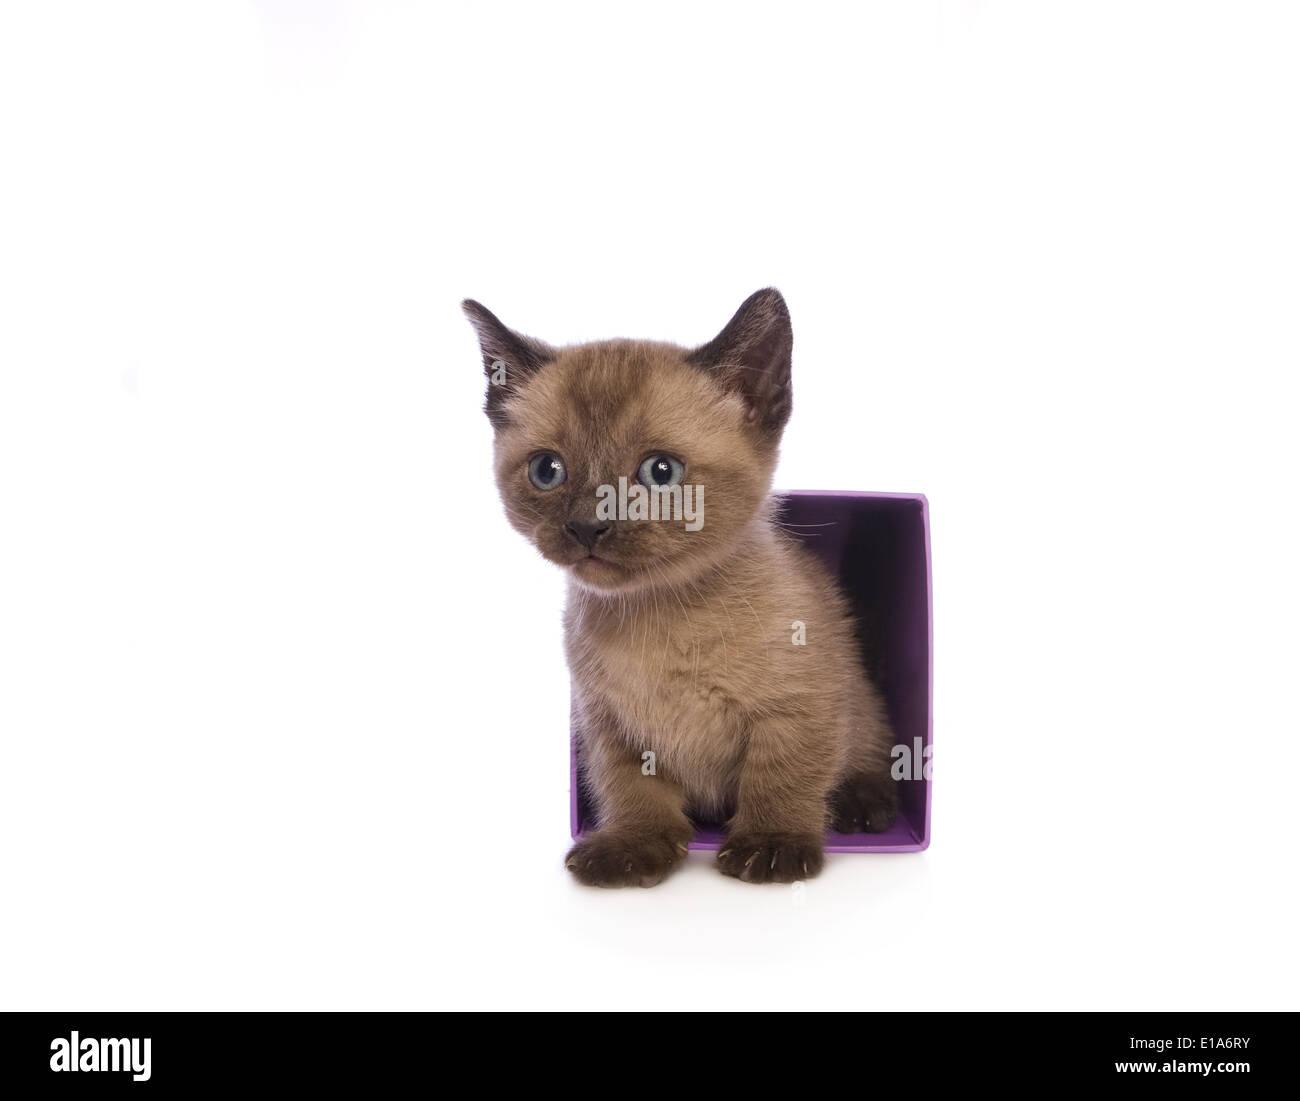 Lindo gatito Munchkin con cabeza grande saliendo del cuadro aislado sobre fondo blanco. Foto de stock